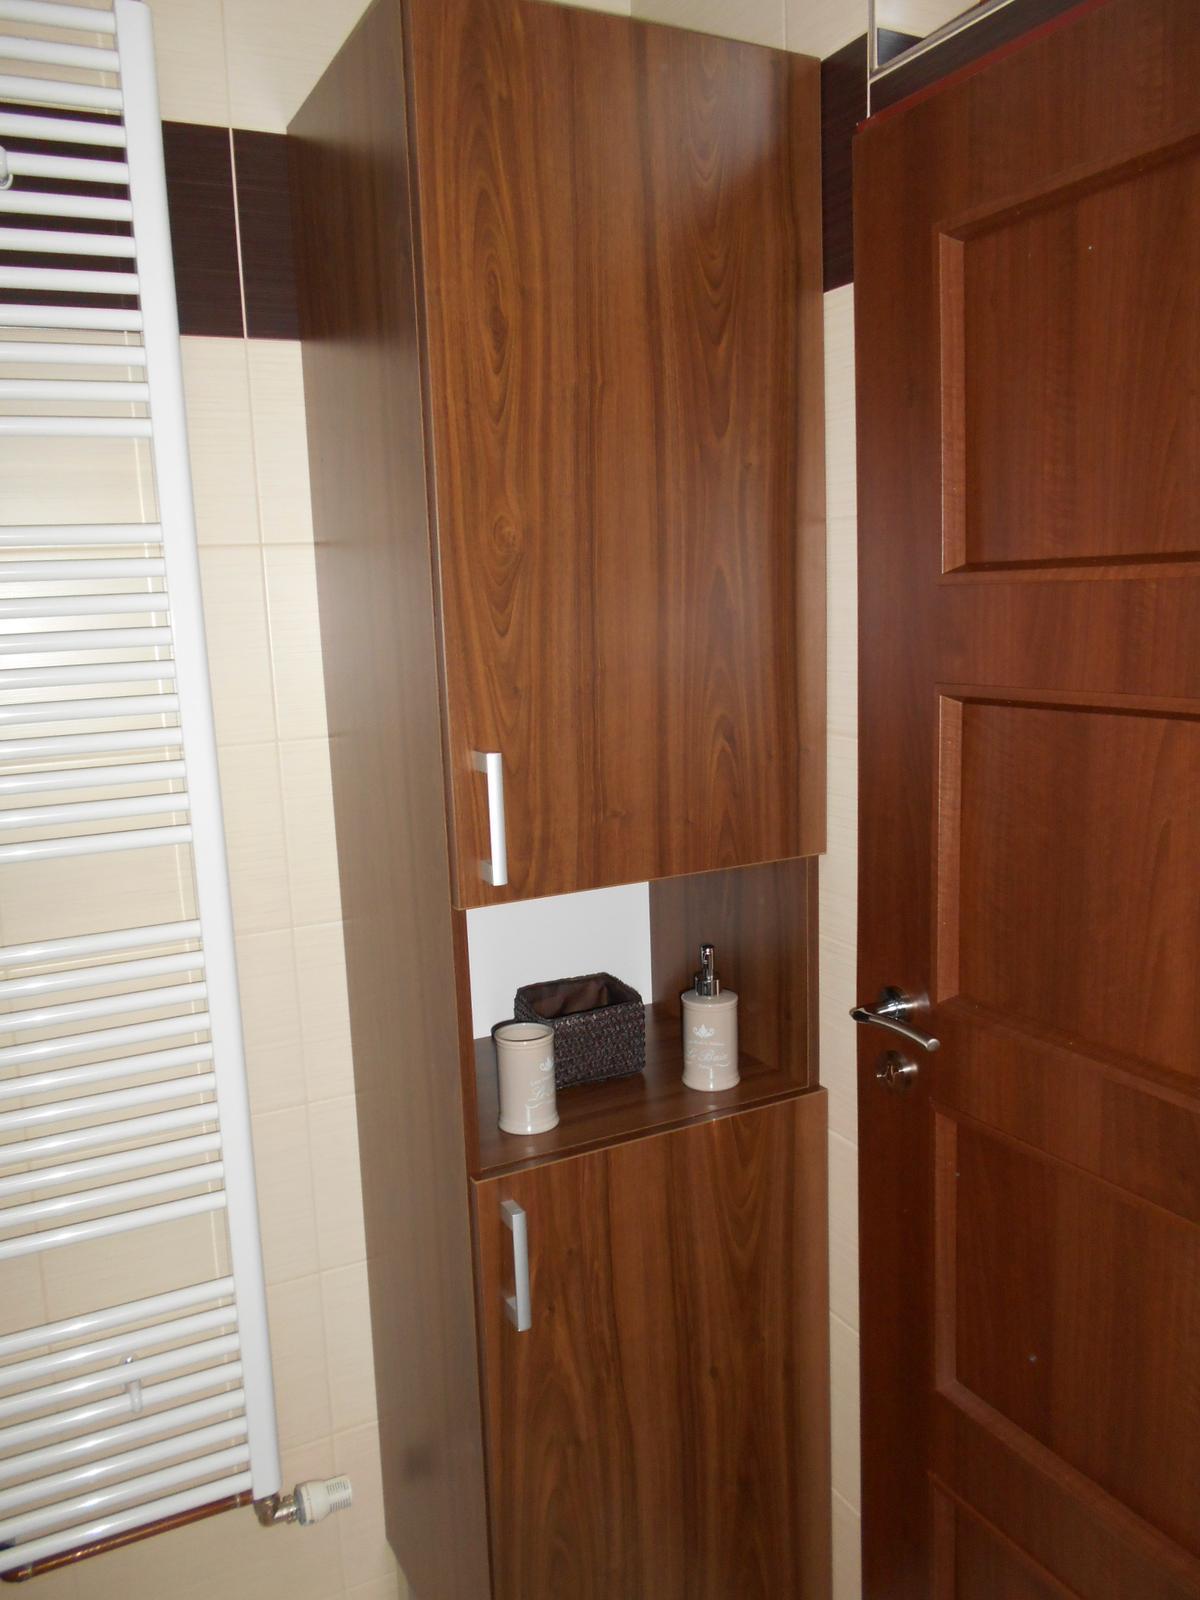 Koupelna - Nová skříňka. Jak jinak než od šikovného souseda :o)